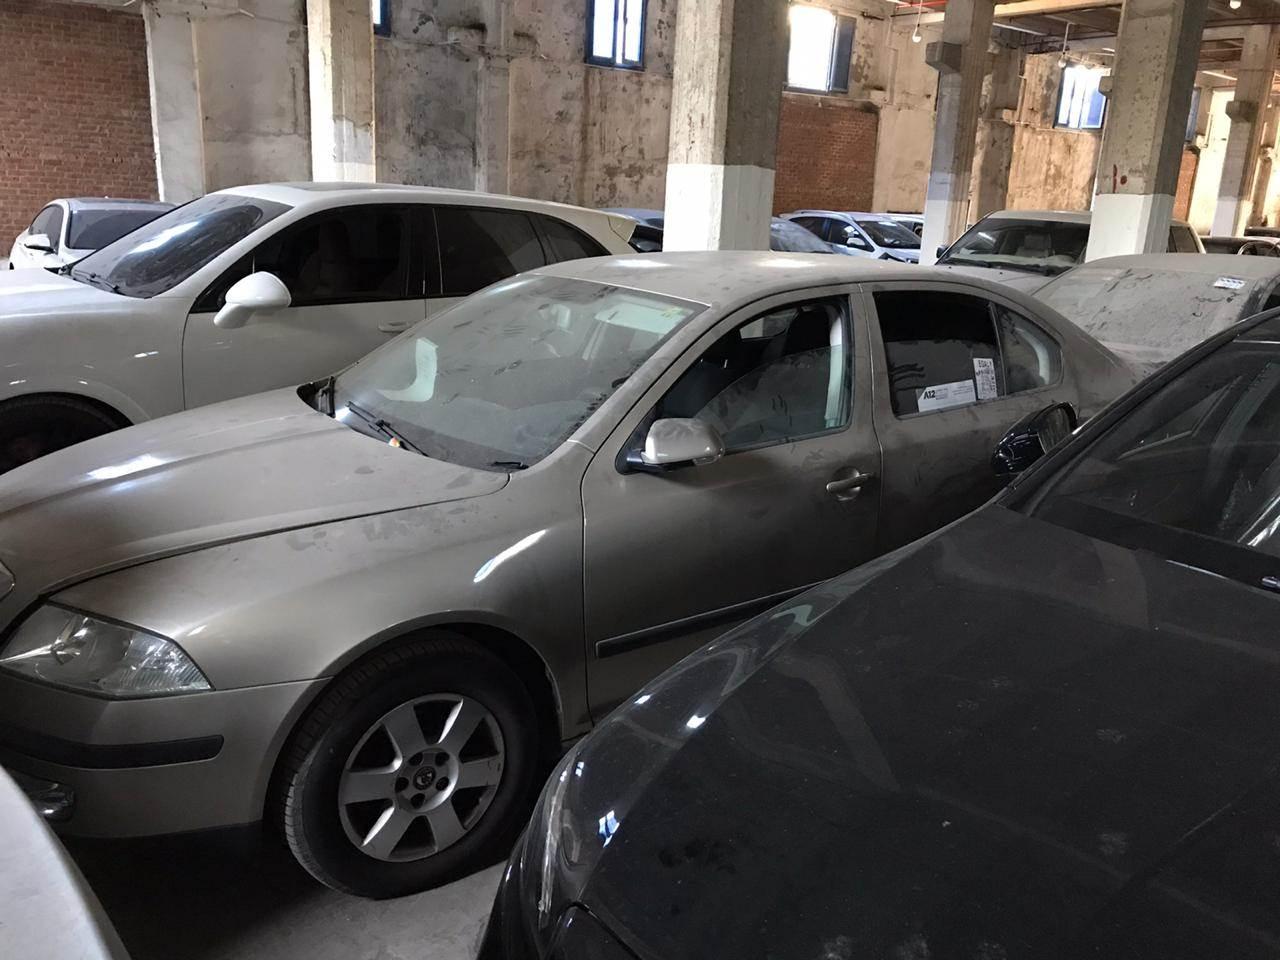 للبيع سيارات بالمزاد جمارك الاسكندريه وجمارك السلوم